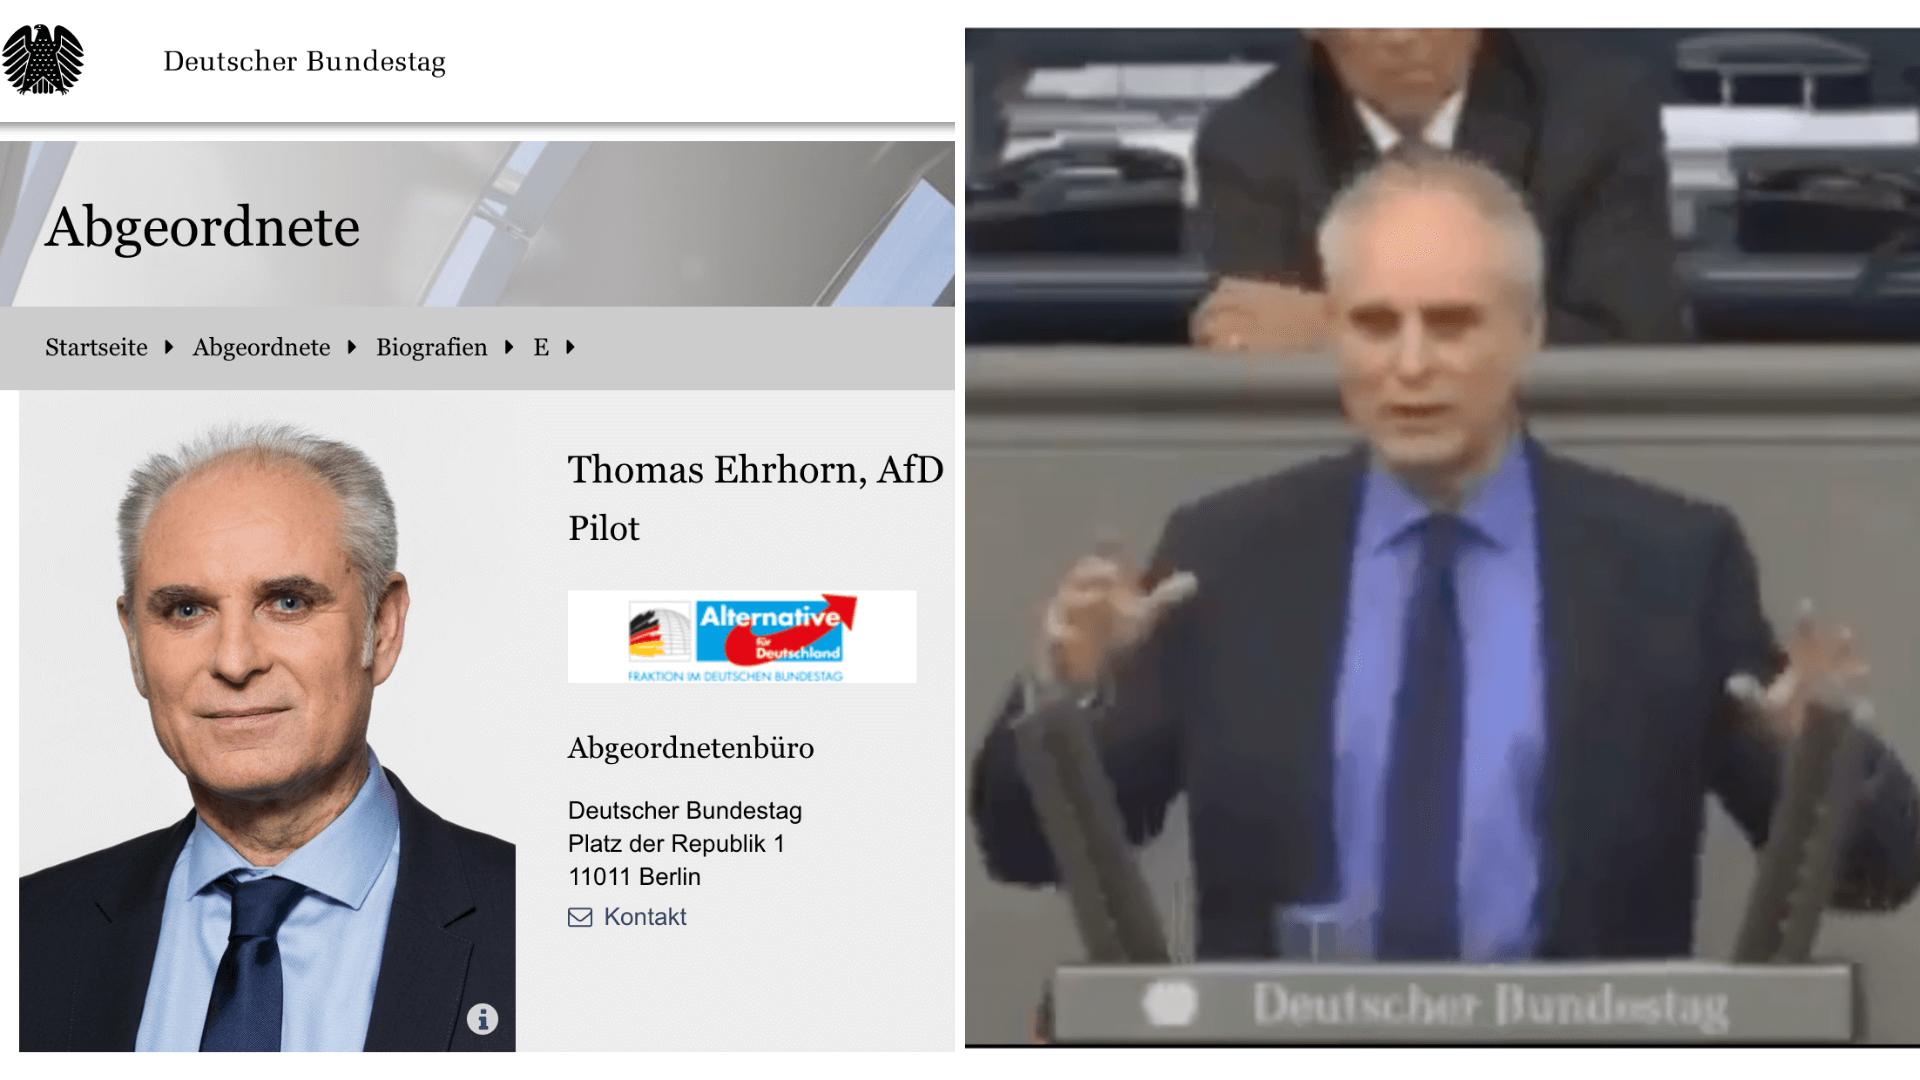 Gegenüberstellung des Fotos von Ehrhorn auf der Webseite des Bundestags (links) mit einem Screenshot aus der Rede des Abgeordnenten, die sich in Sozialen Netzwerken verbreitet (rechts). (Quelle: Bundestag / Facebook / Screenshots und Collage: CORRECTIV.Faktencheck)